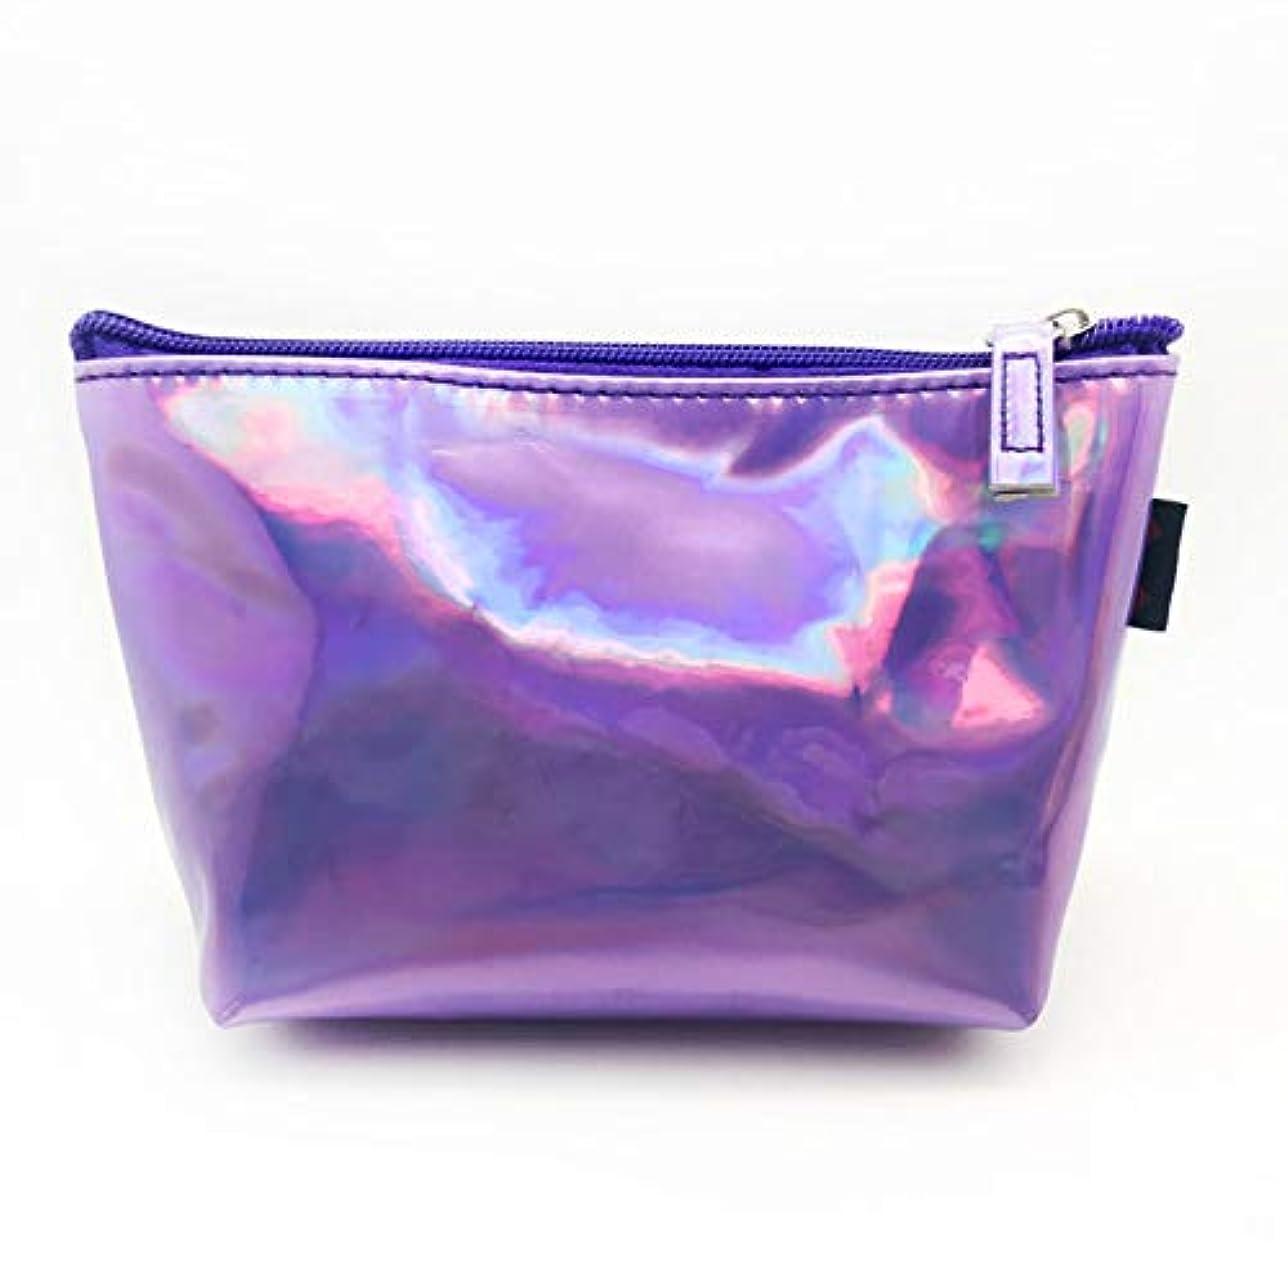 感じ大佐組tiwayer 驚くべき新リーフ小レーザーメイクアップポータブル旅行バッグ化粧品女性`時折革バッグメイクアップポーチホログラフィックバッグプリティ(None purple)